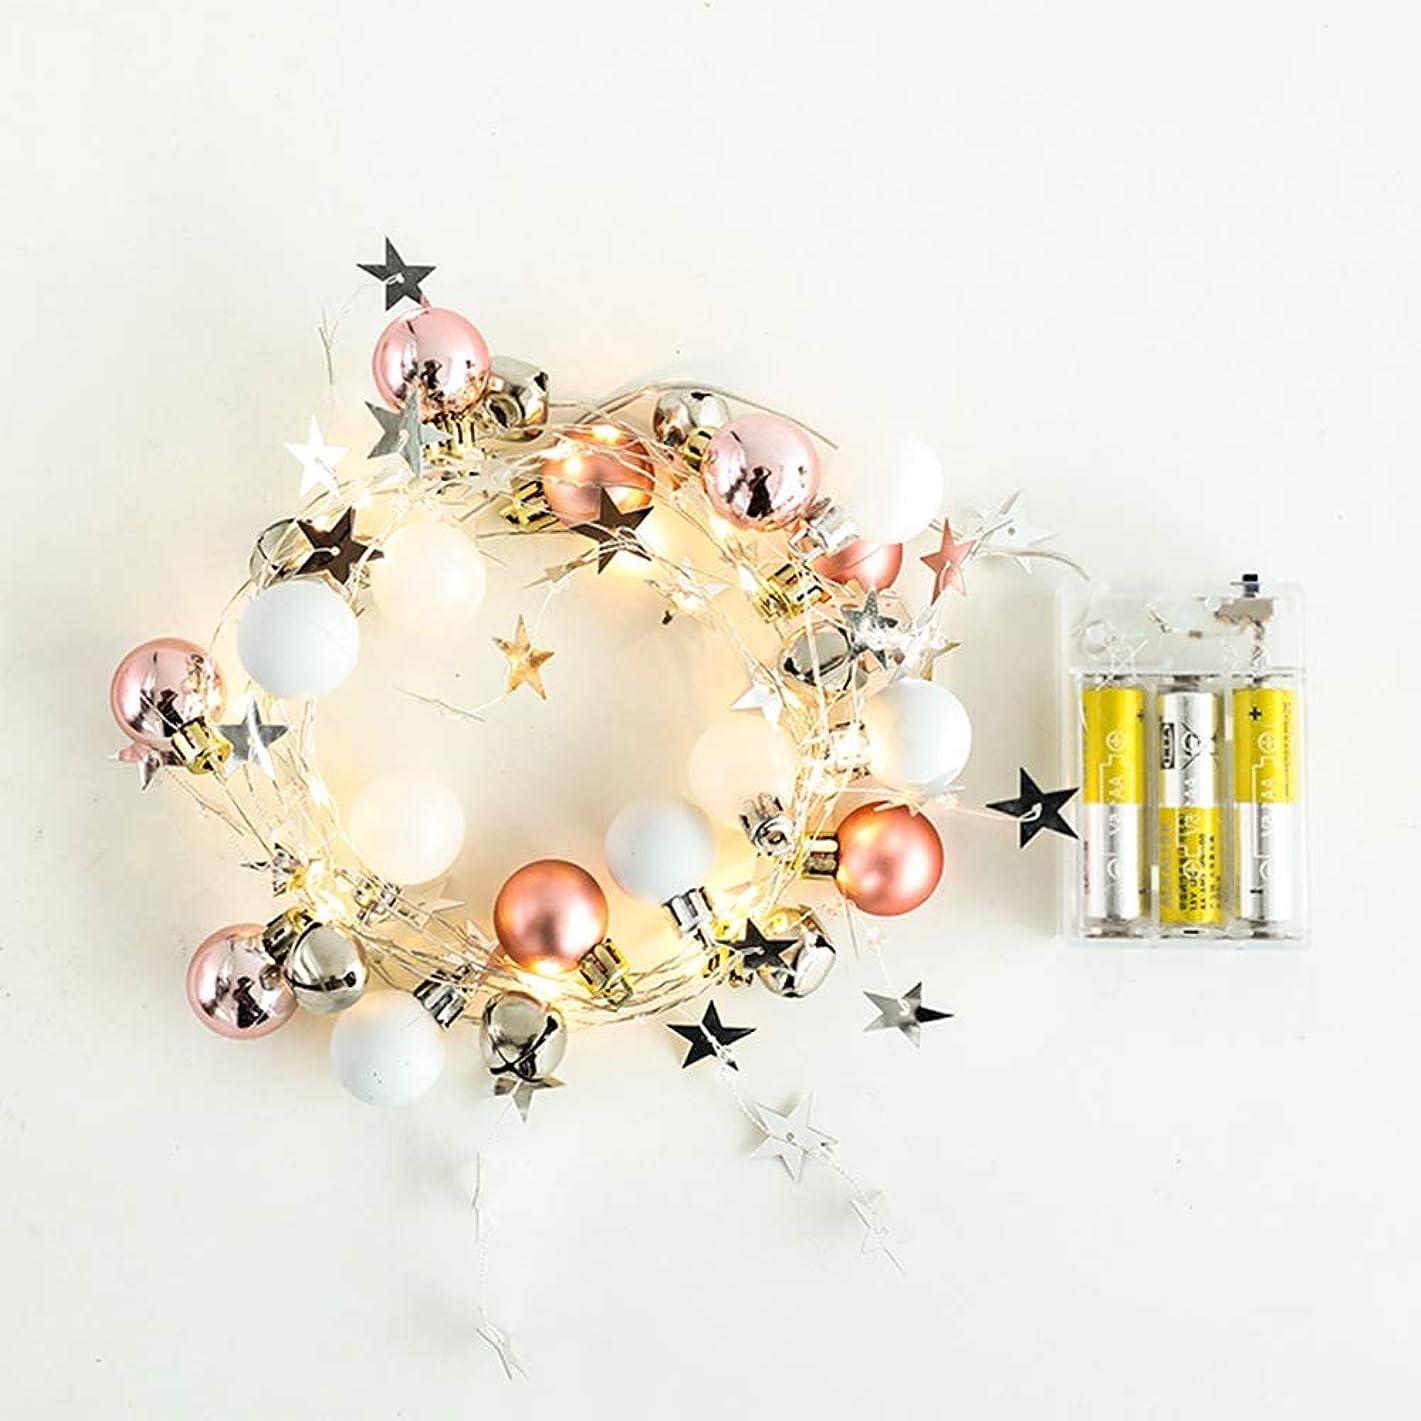 賠償まろやかな罪悪感クリスマス 飾り LED ストリングスライト イルミネーションライト 屋内 電池式 パーティー クリスマスツリー 点滅 装飾 可愛い Zeonetak